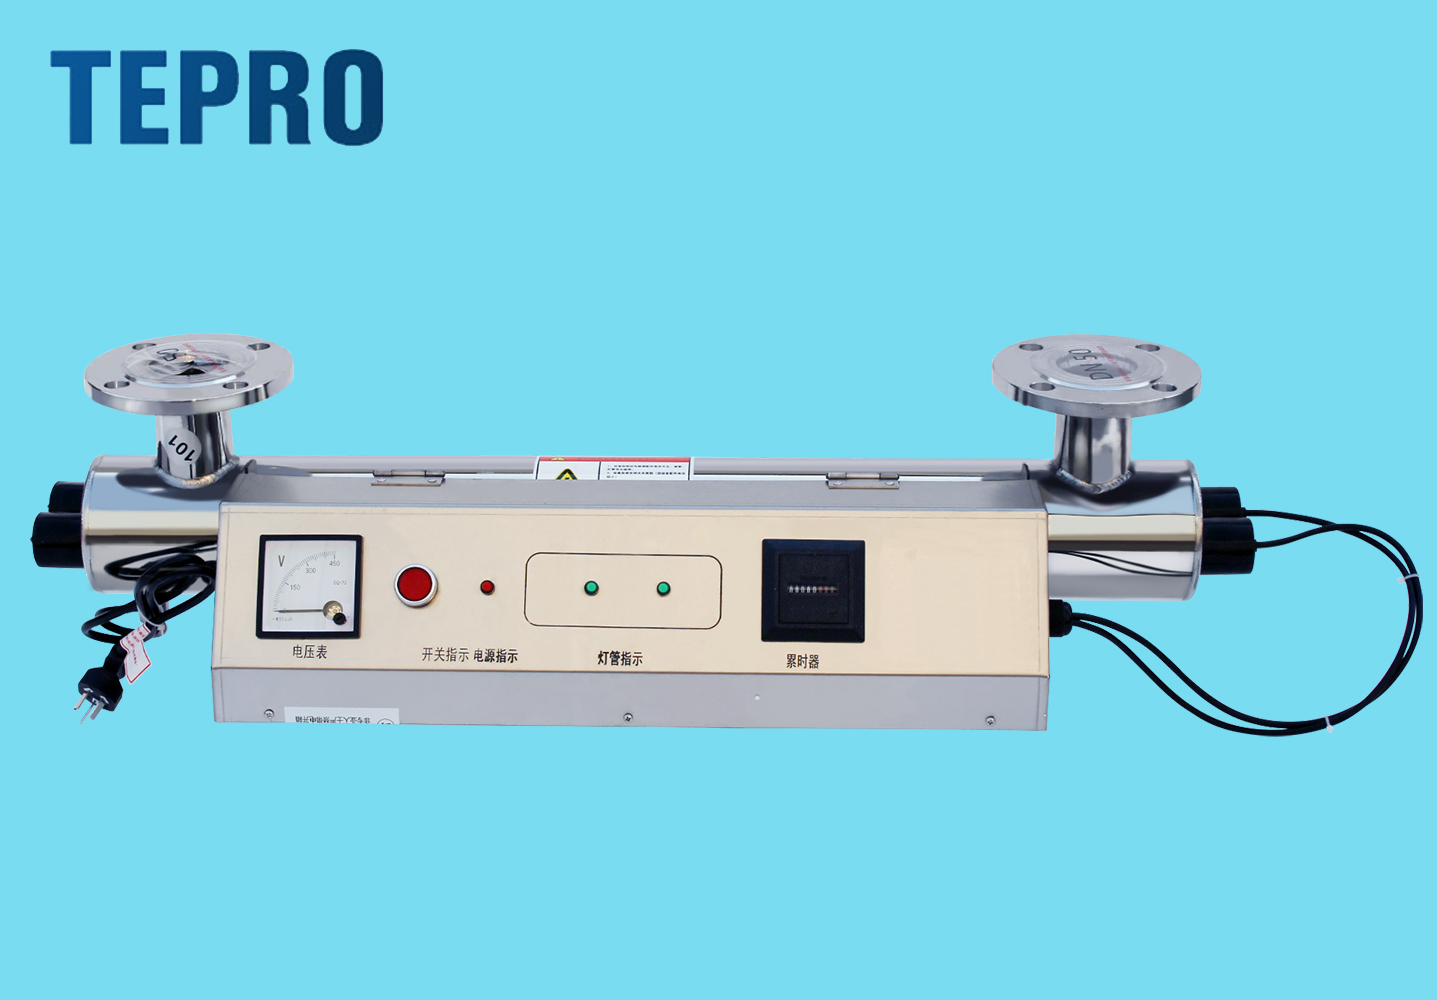 Tepro-Oem Portable Uv Lamp Manufacturer, Bacteria Killing Light Bulb